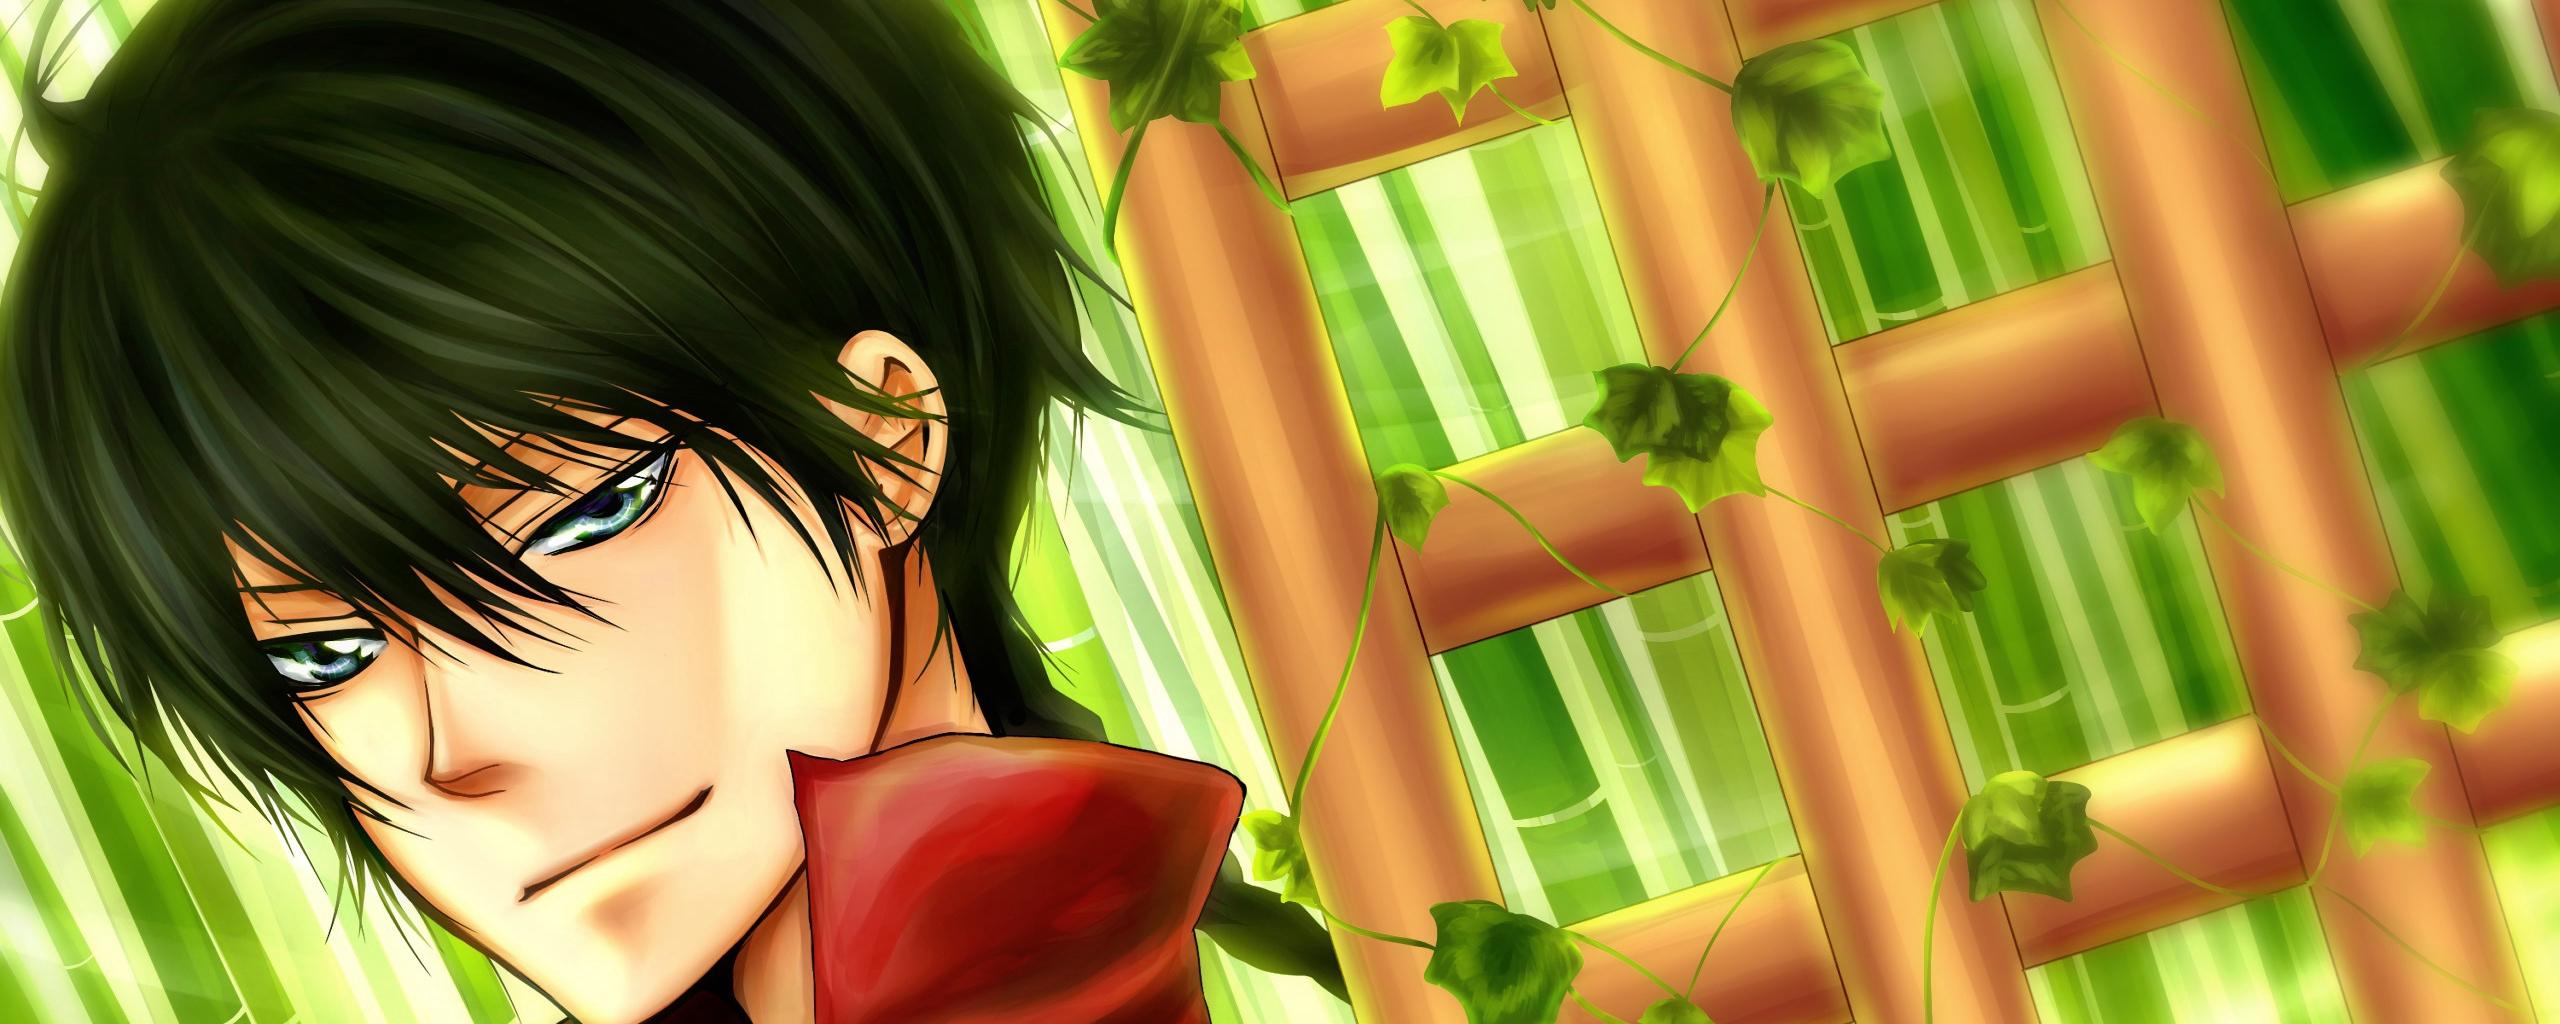 Wallpaper Katekyo Hitman Reborn, Anime, Guy - Reborn! - HD Wallpaper